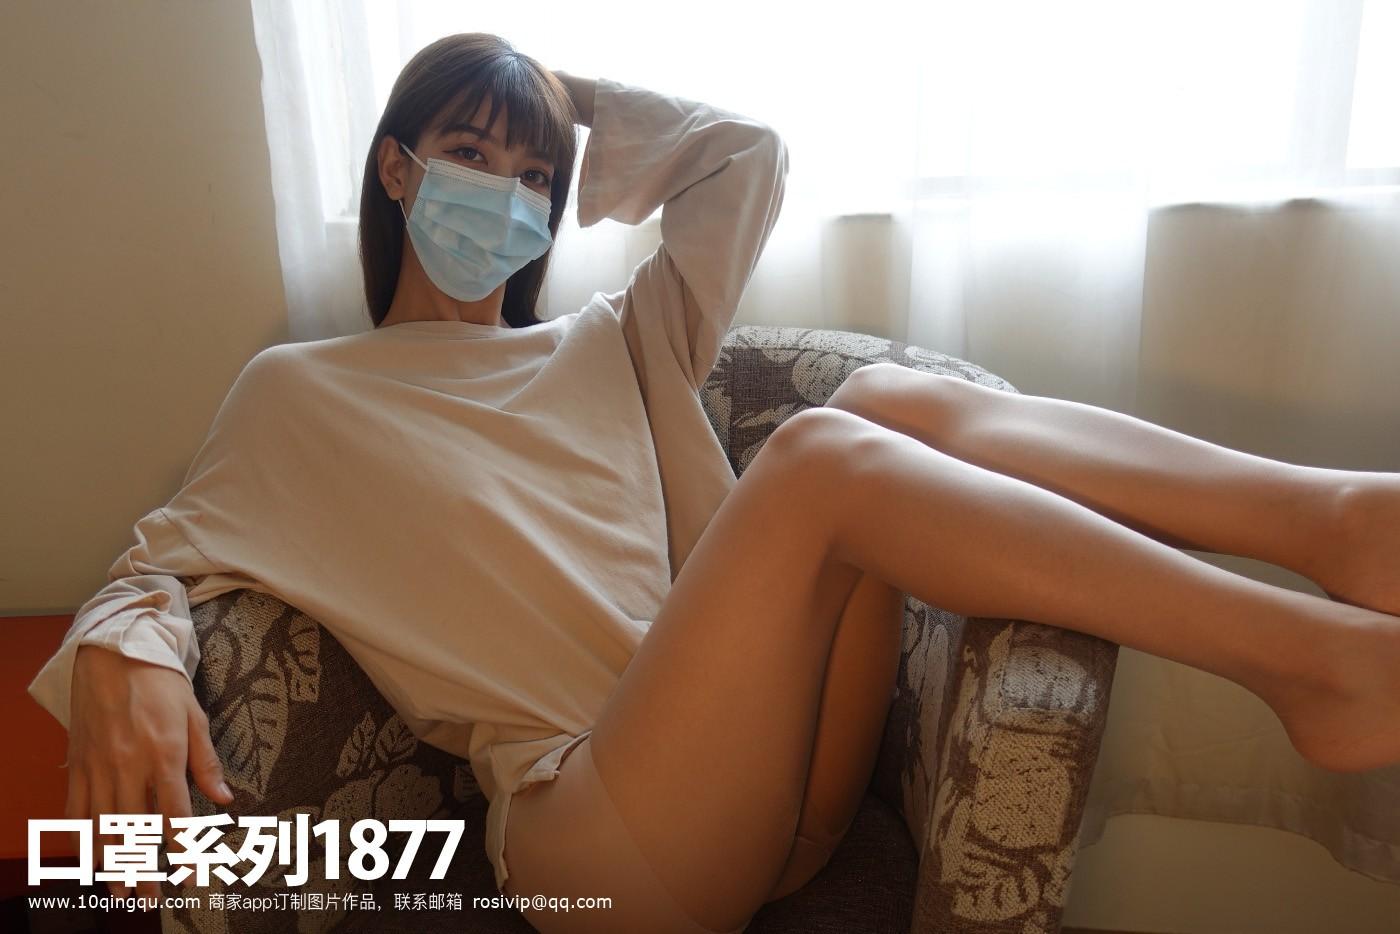 口罩系列1877套装 衣服+丝袜